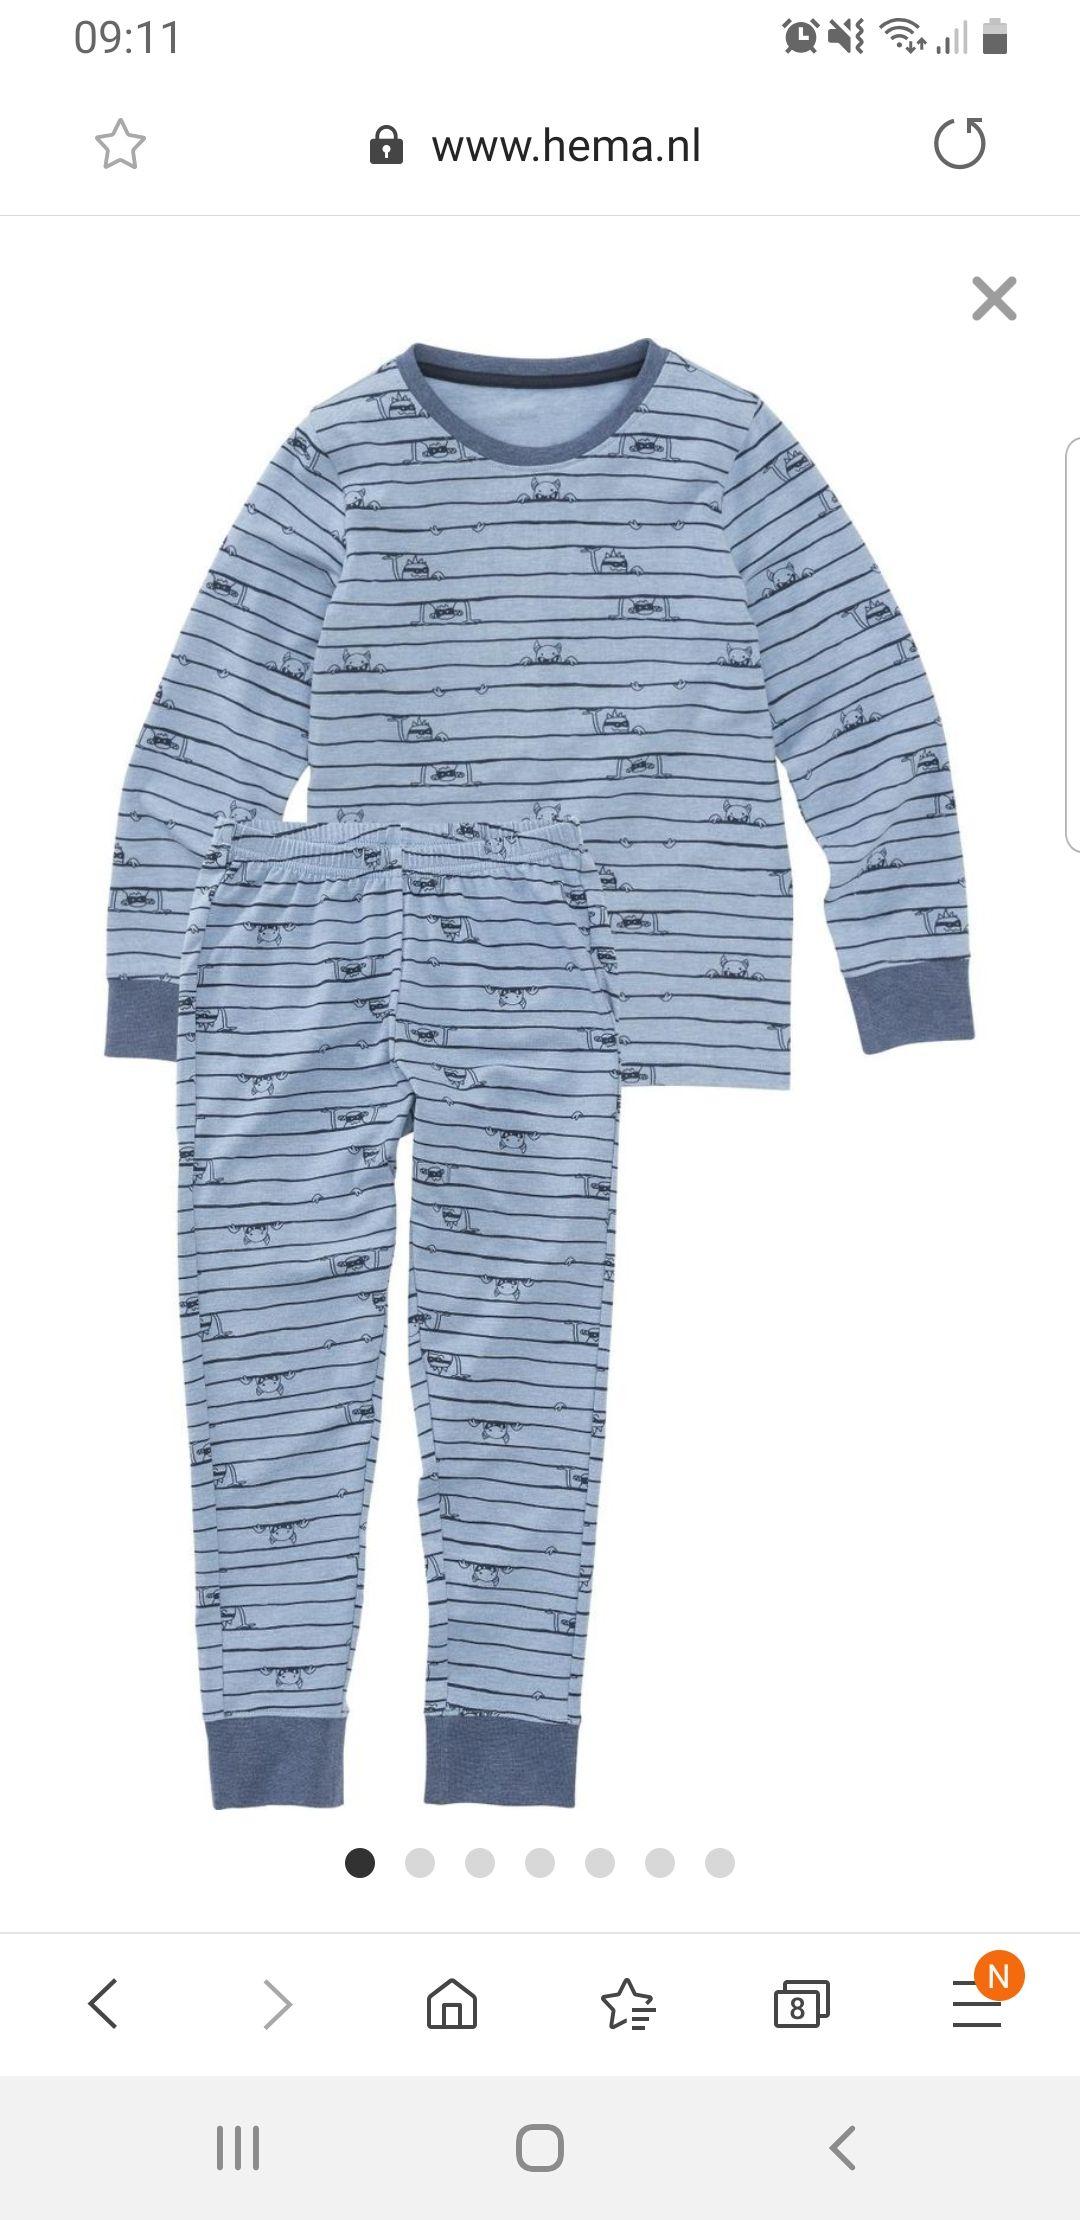 Kinder pyjama Hema